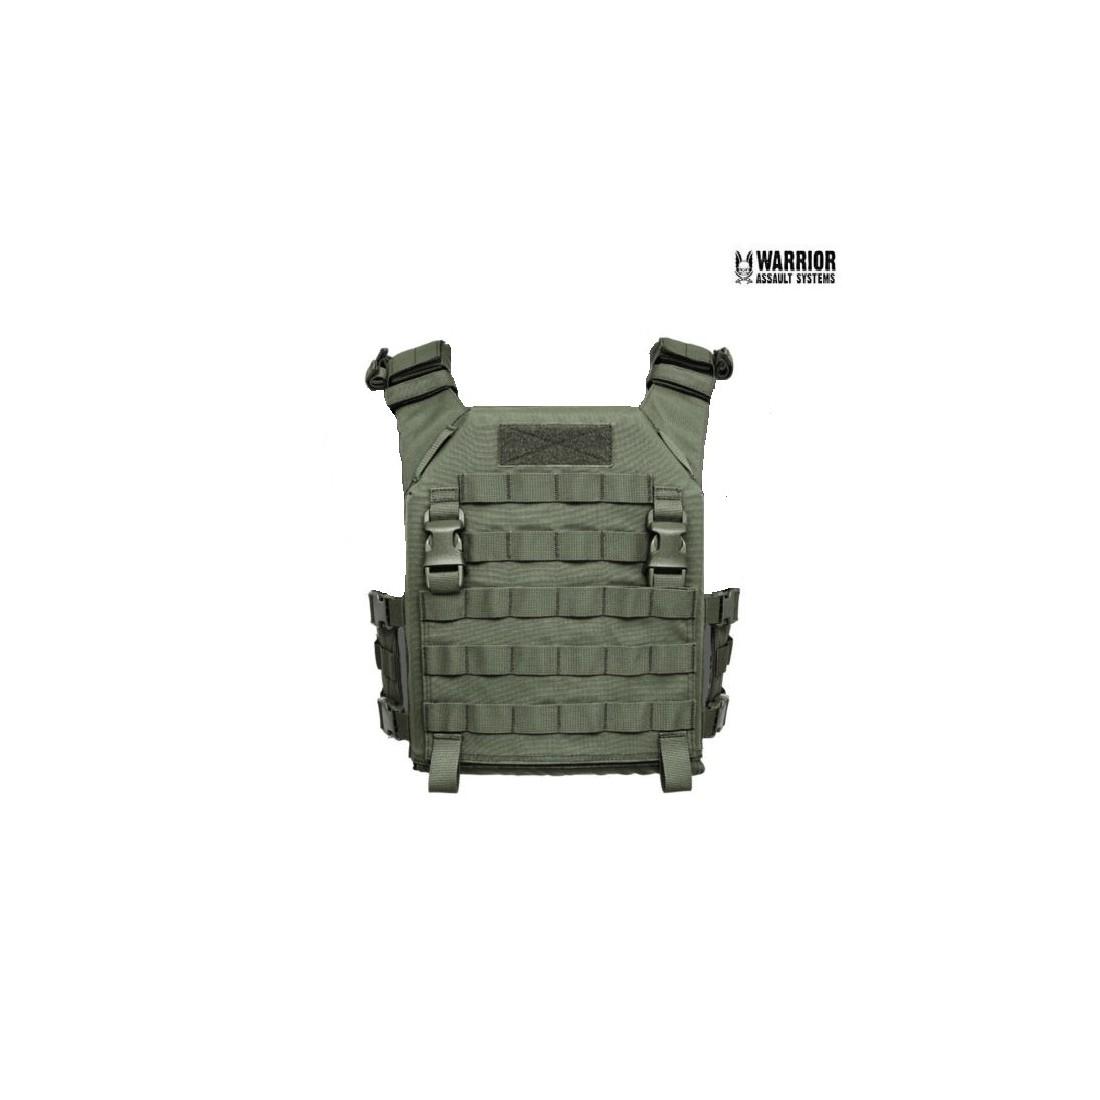 Recon Plate Carrier SAPI (Medium) od [Warrior]